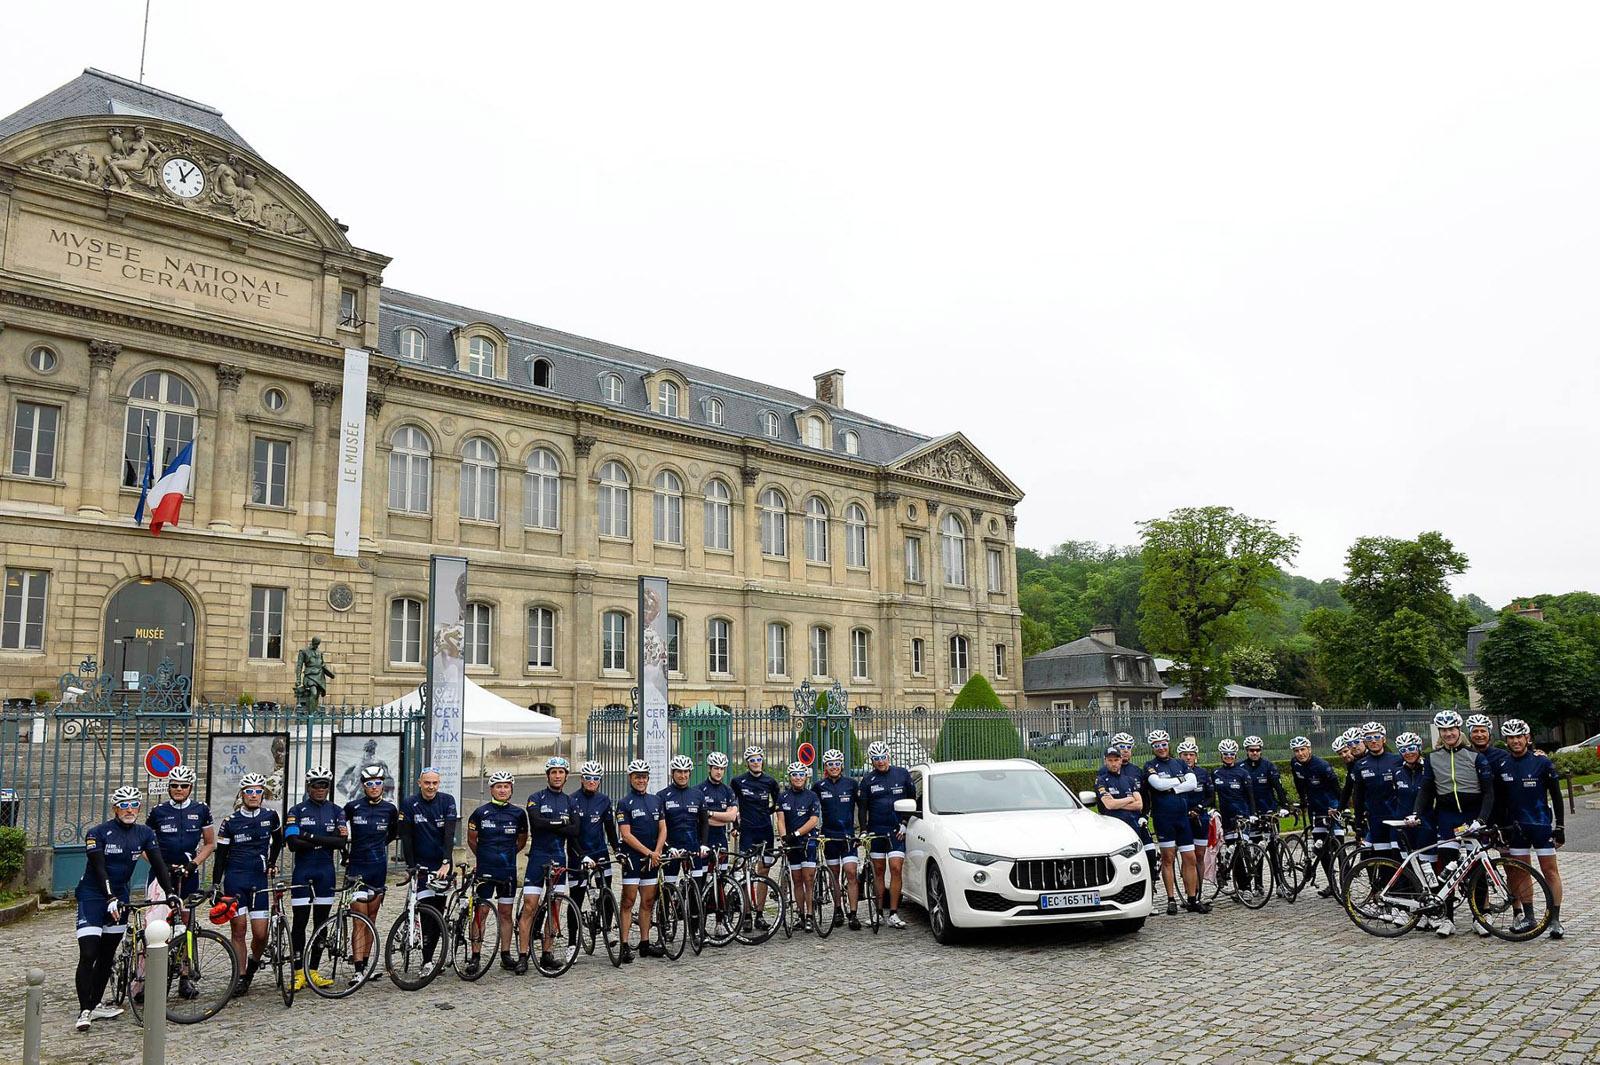 paris modena 2016 une course cycliste pour la bonne cause french driver. Black Bedroom Furniture Sets. Home Design Ideas